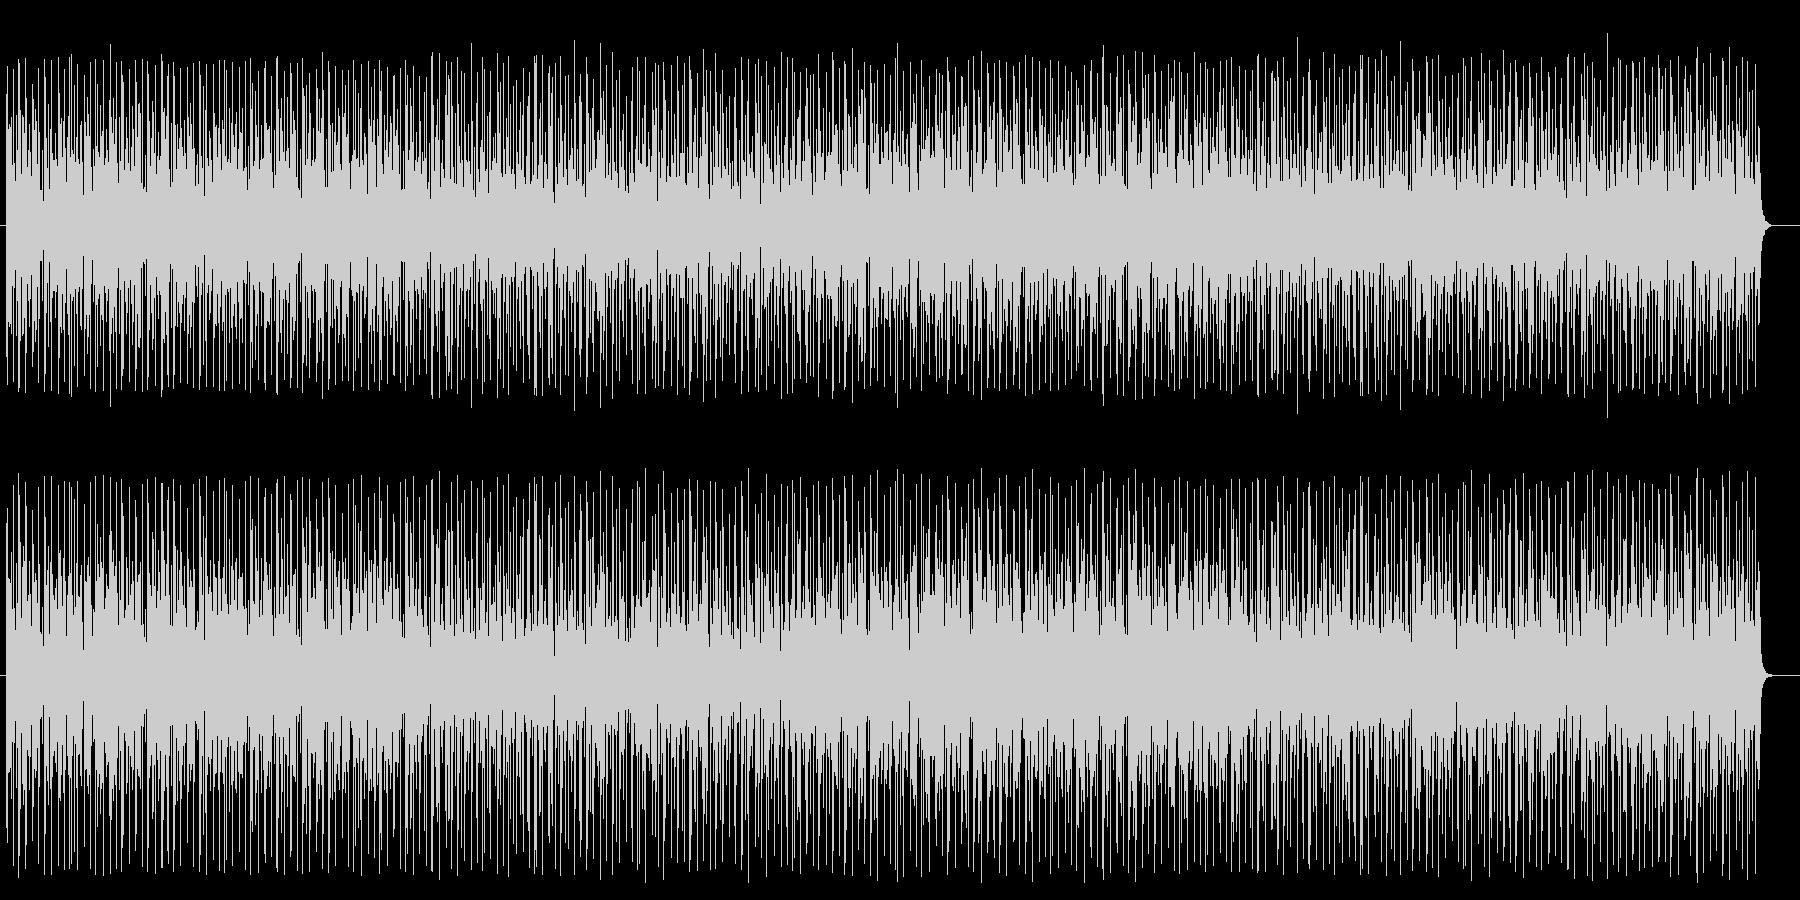 小気味良いデジタルサウンドのポップスの未再生の波形